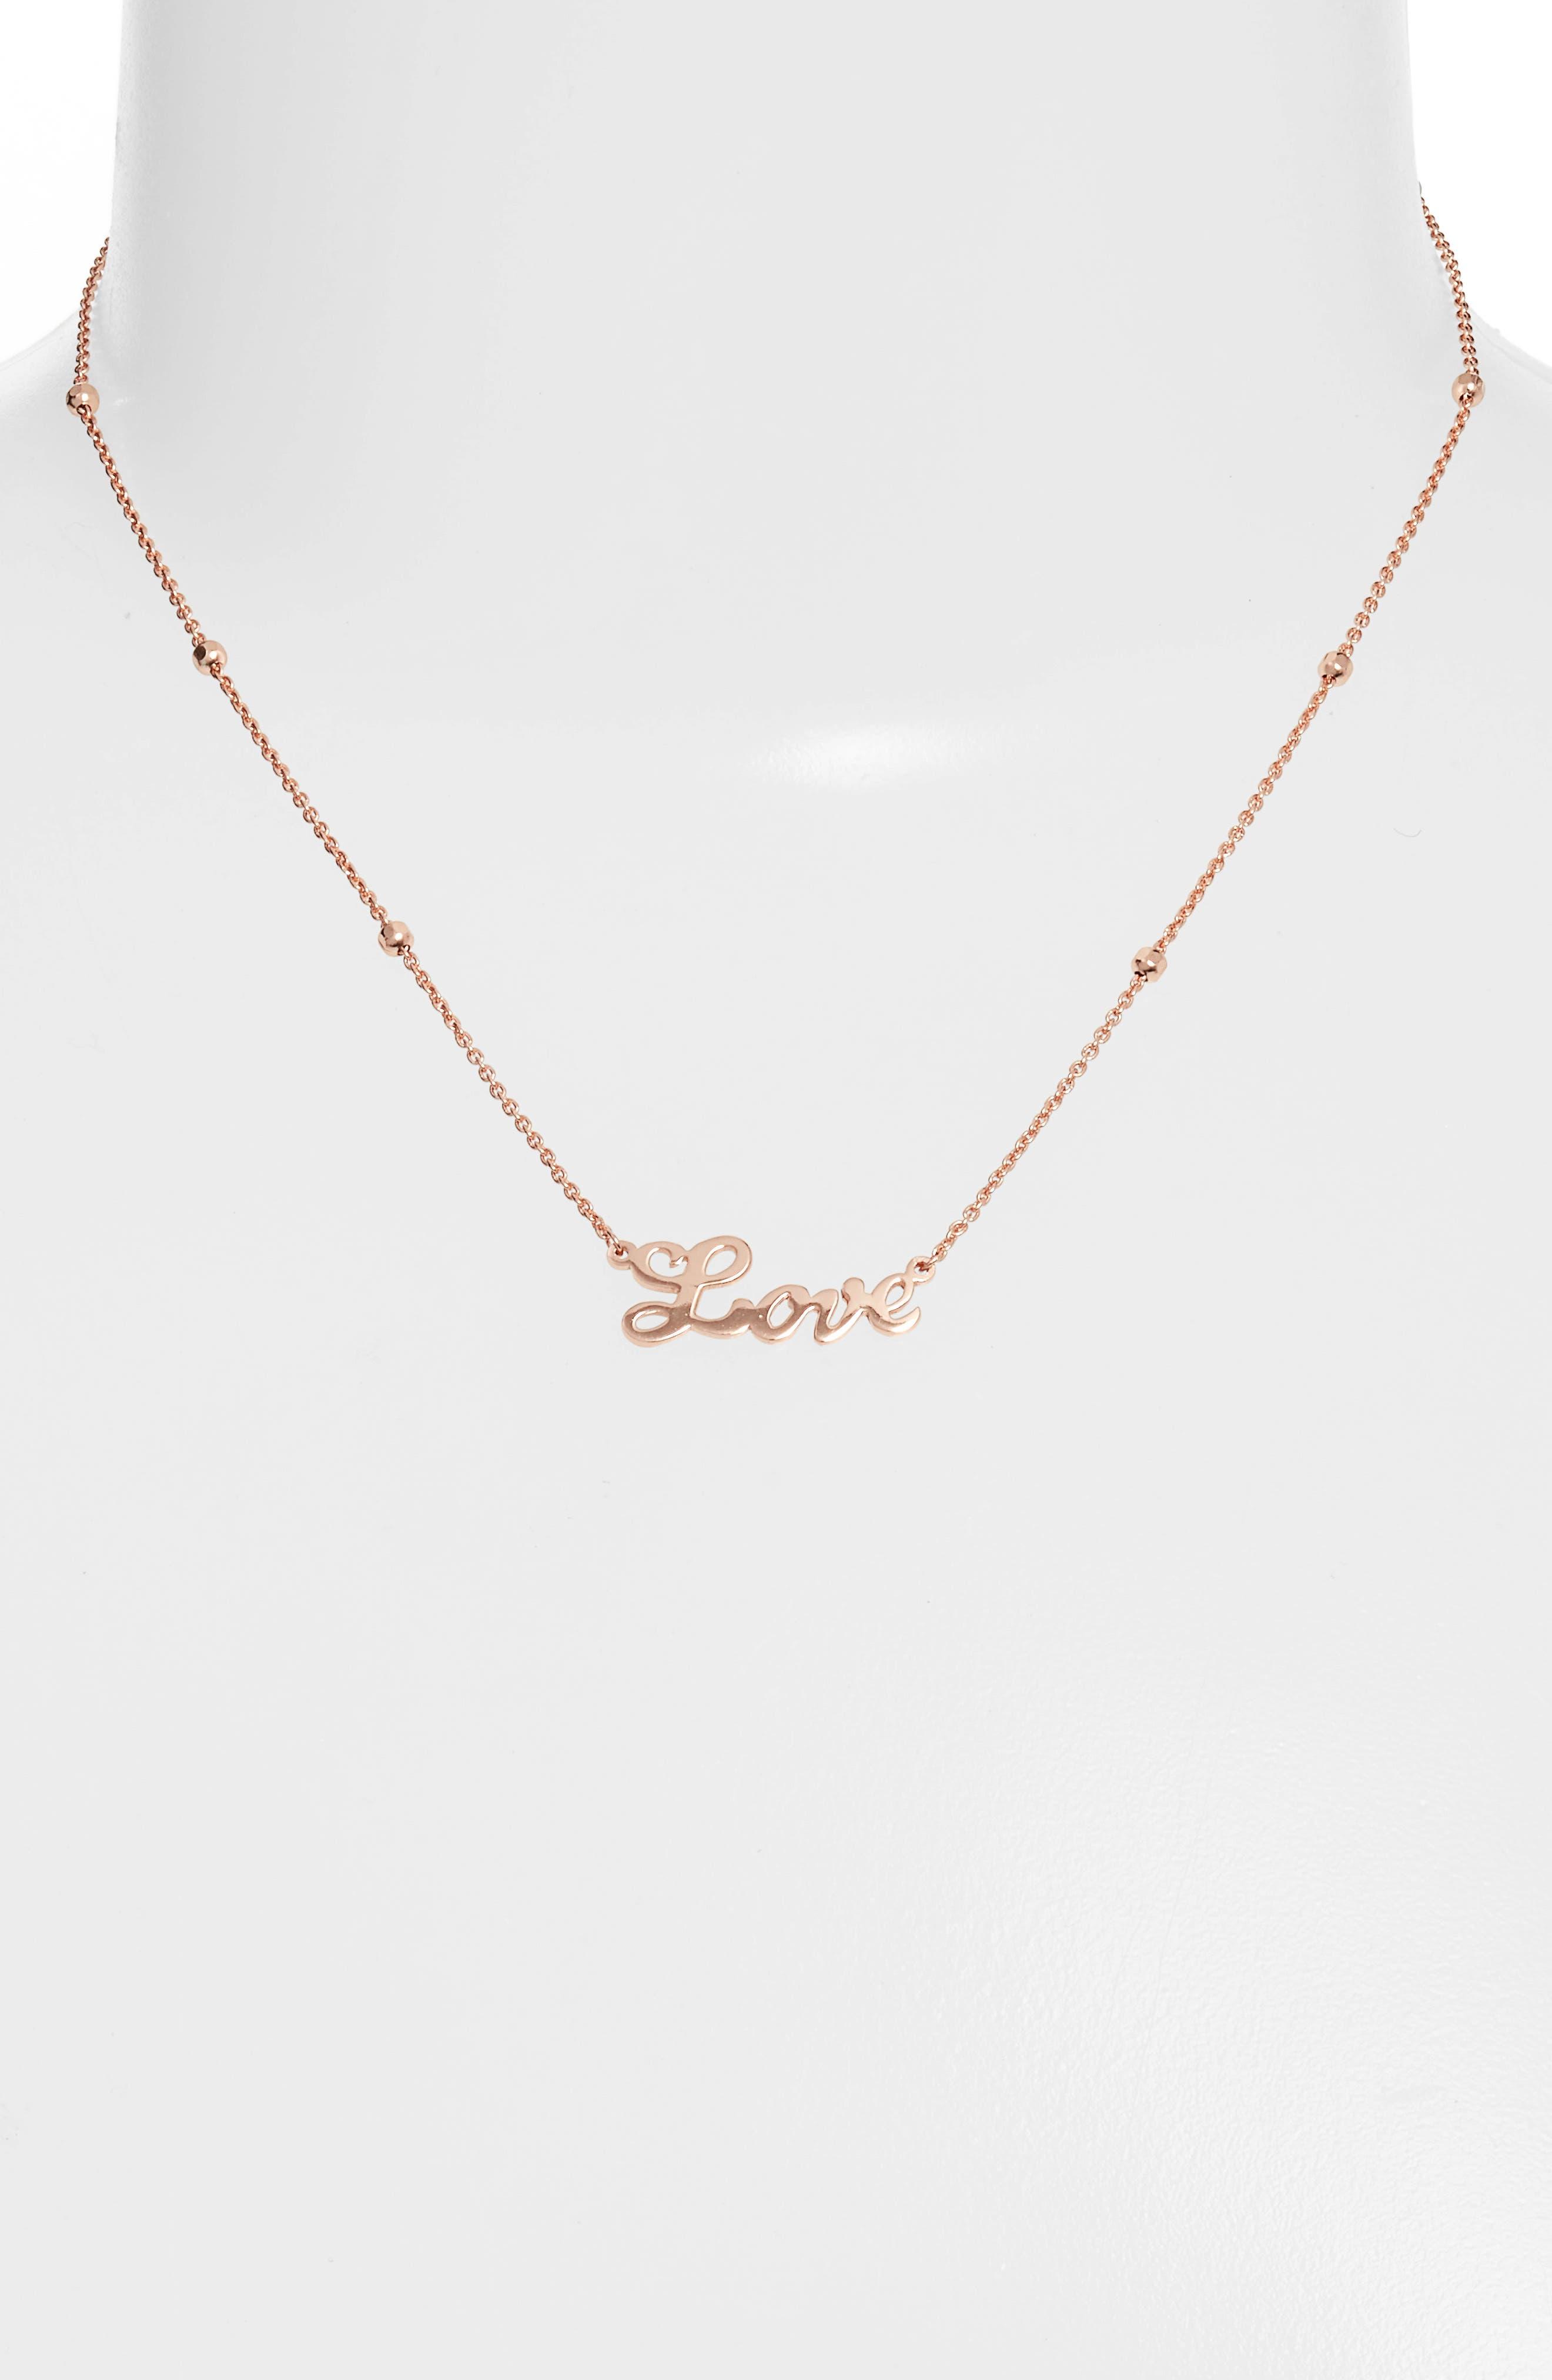 Love Pendant Necklace,                             Alternate thumbnail 5, color,